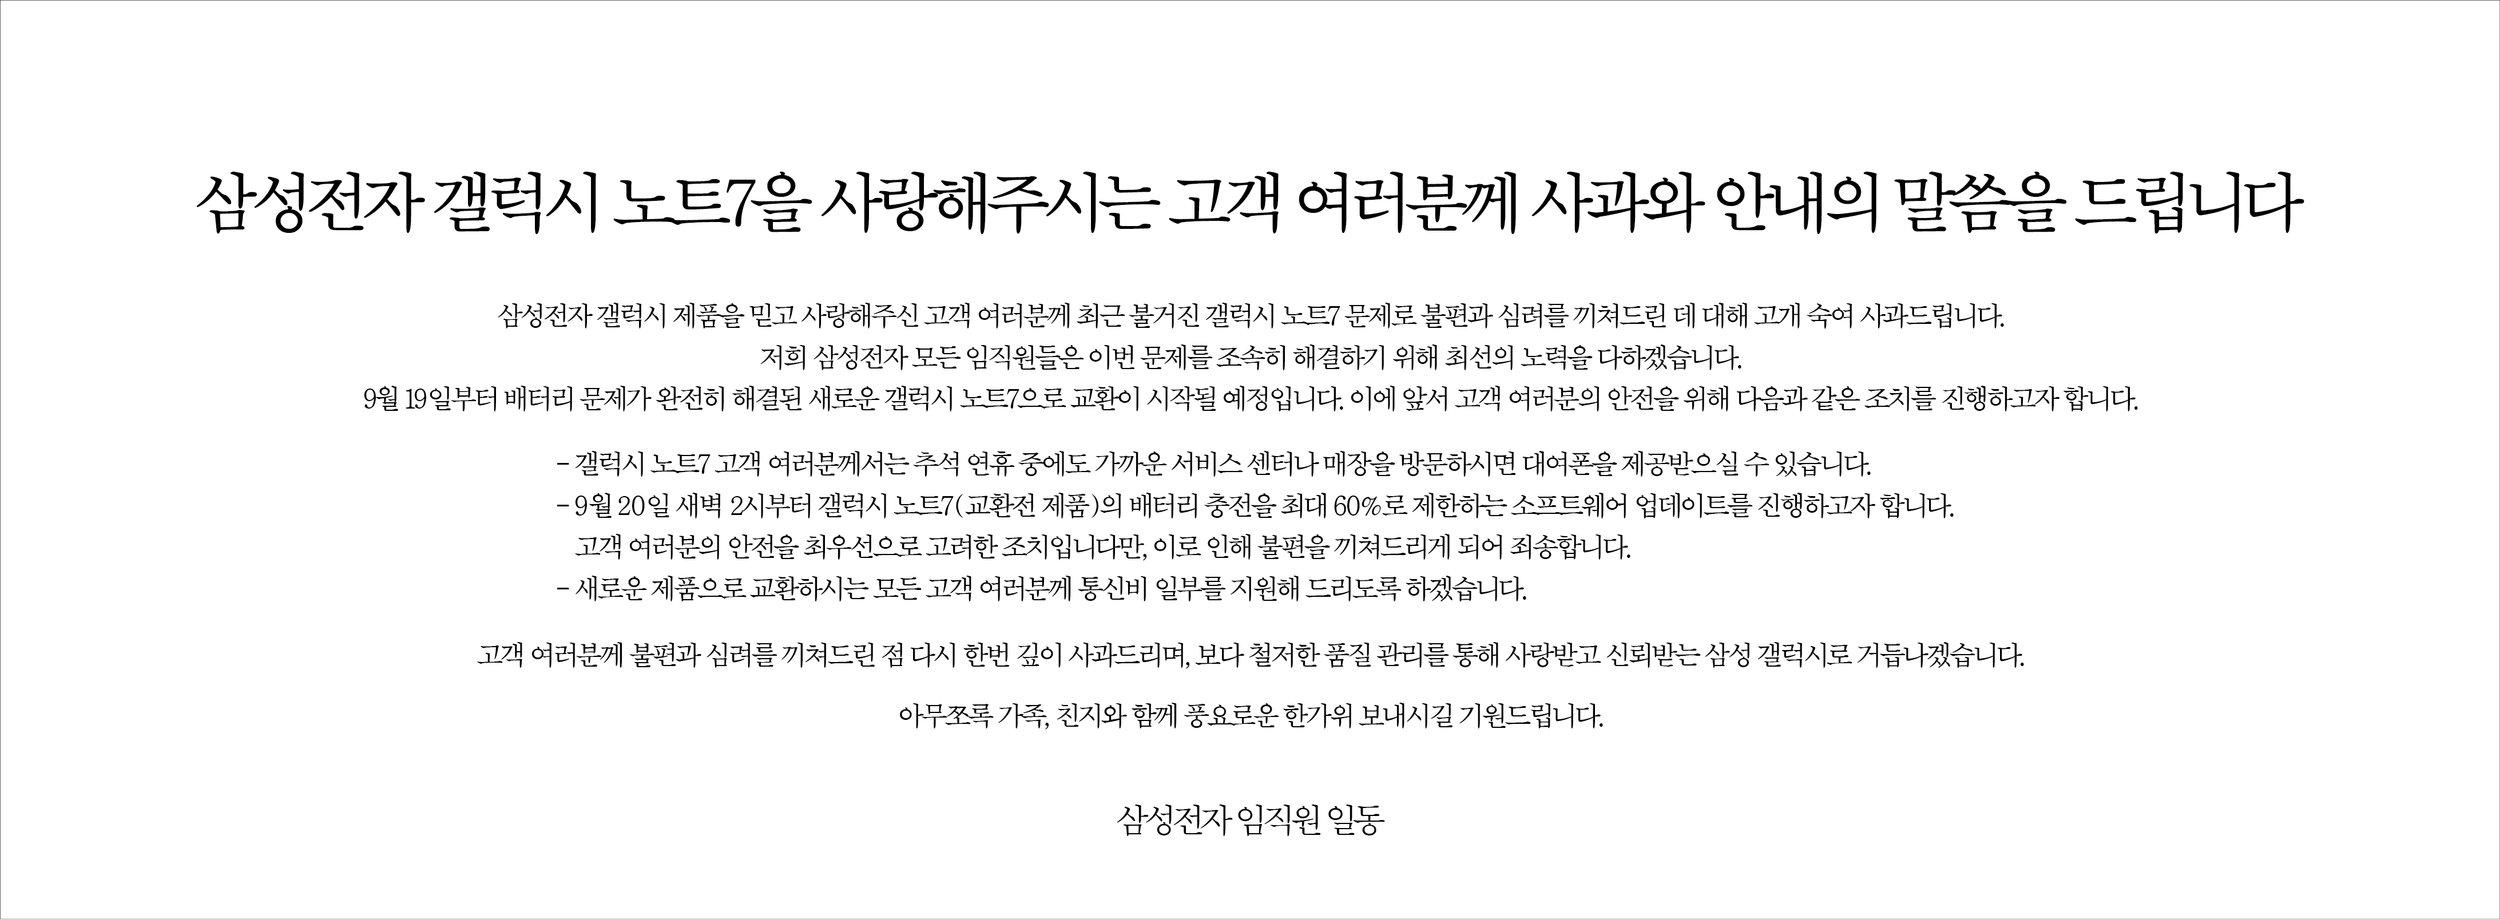 국내 주요 신문에 게재될 삼성의 사과문